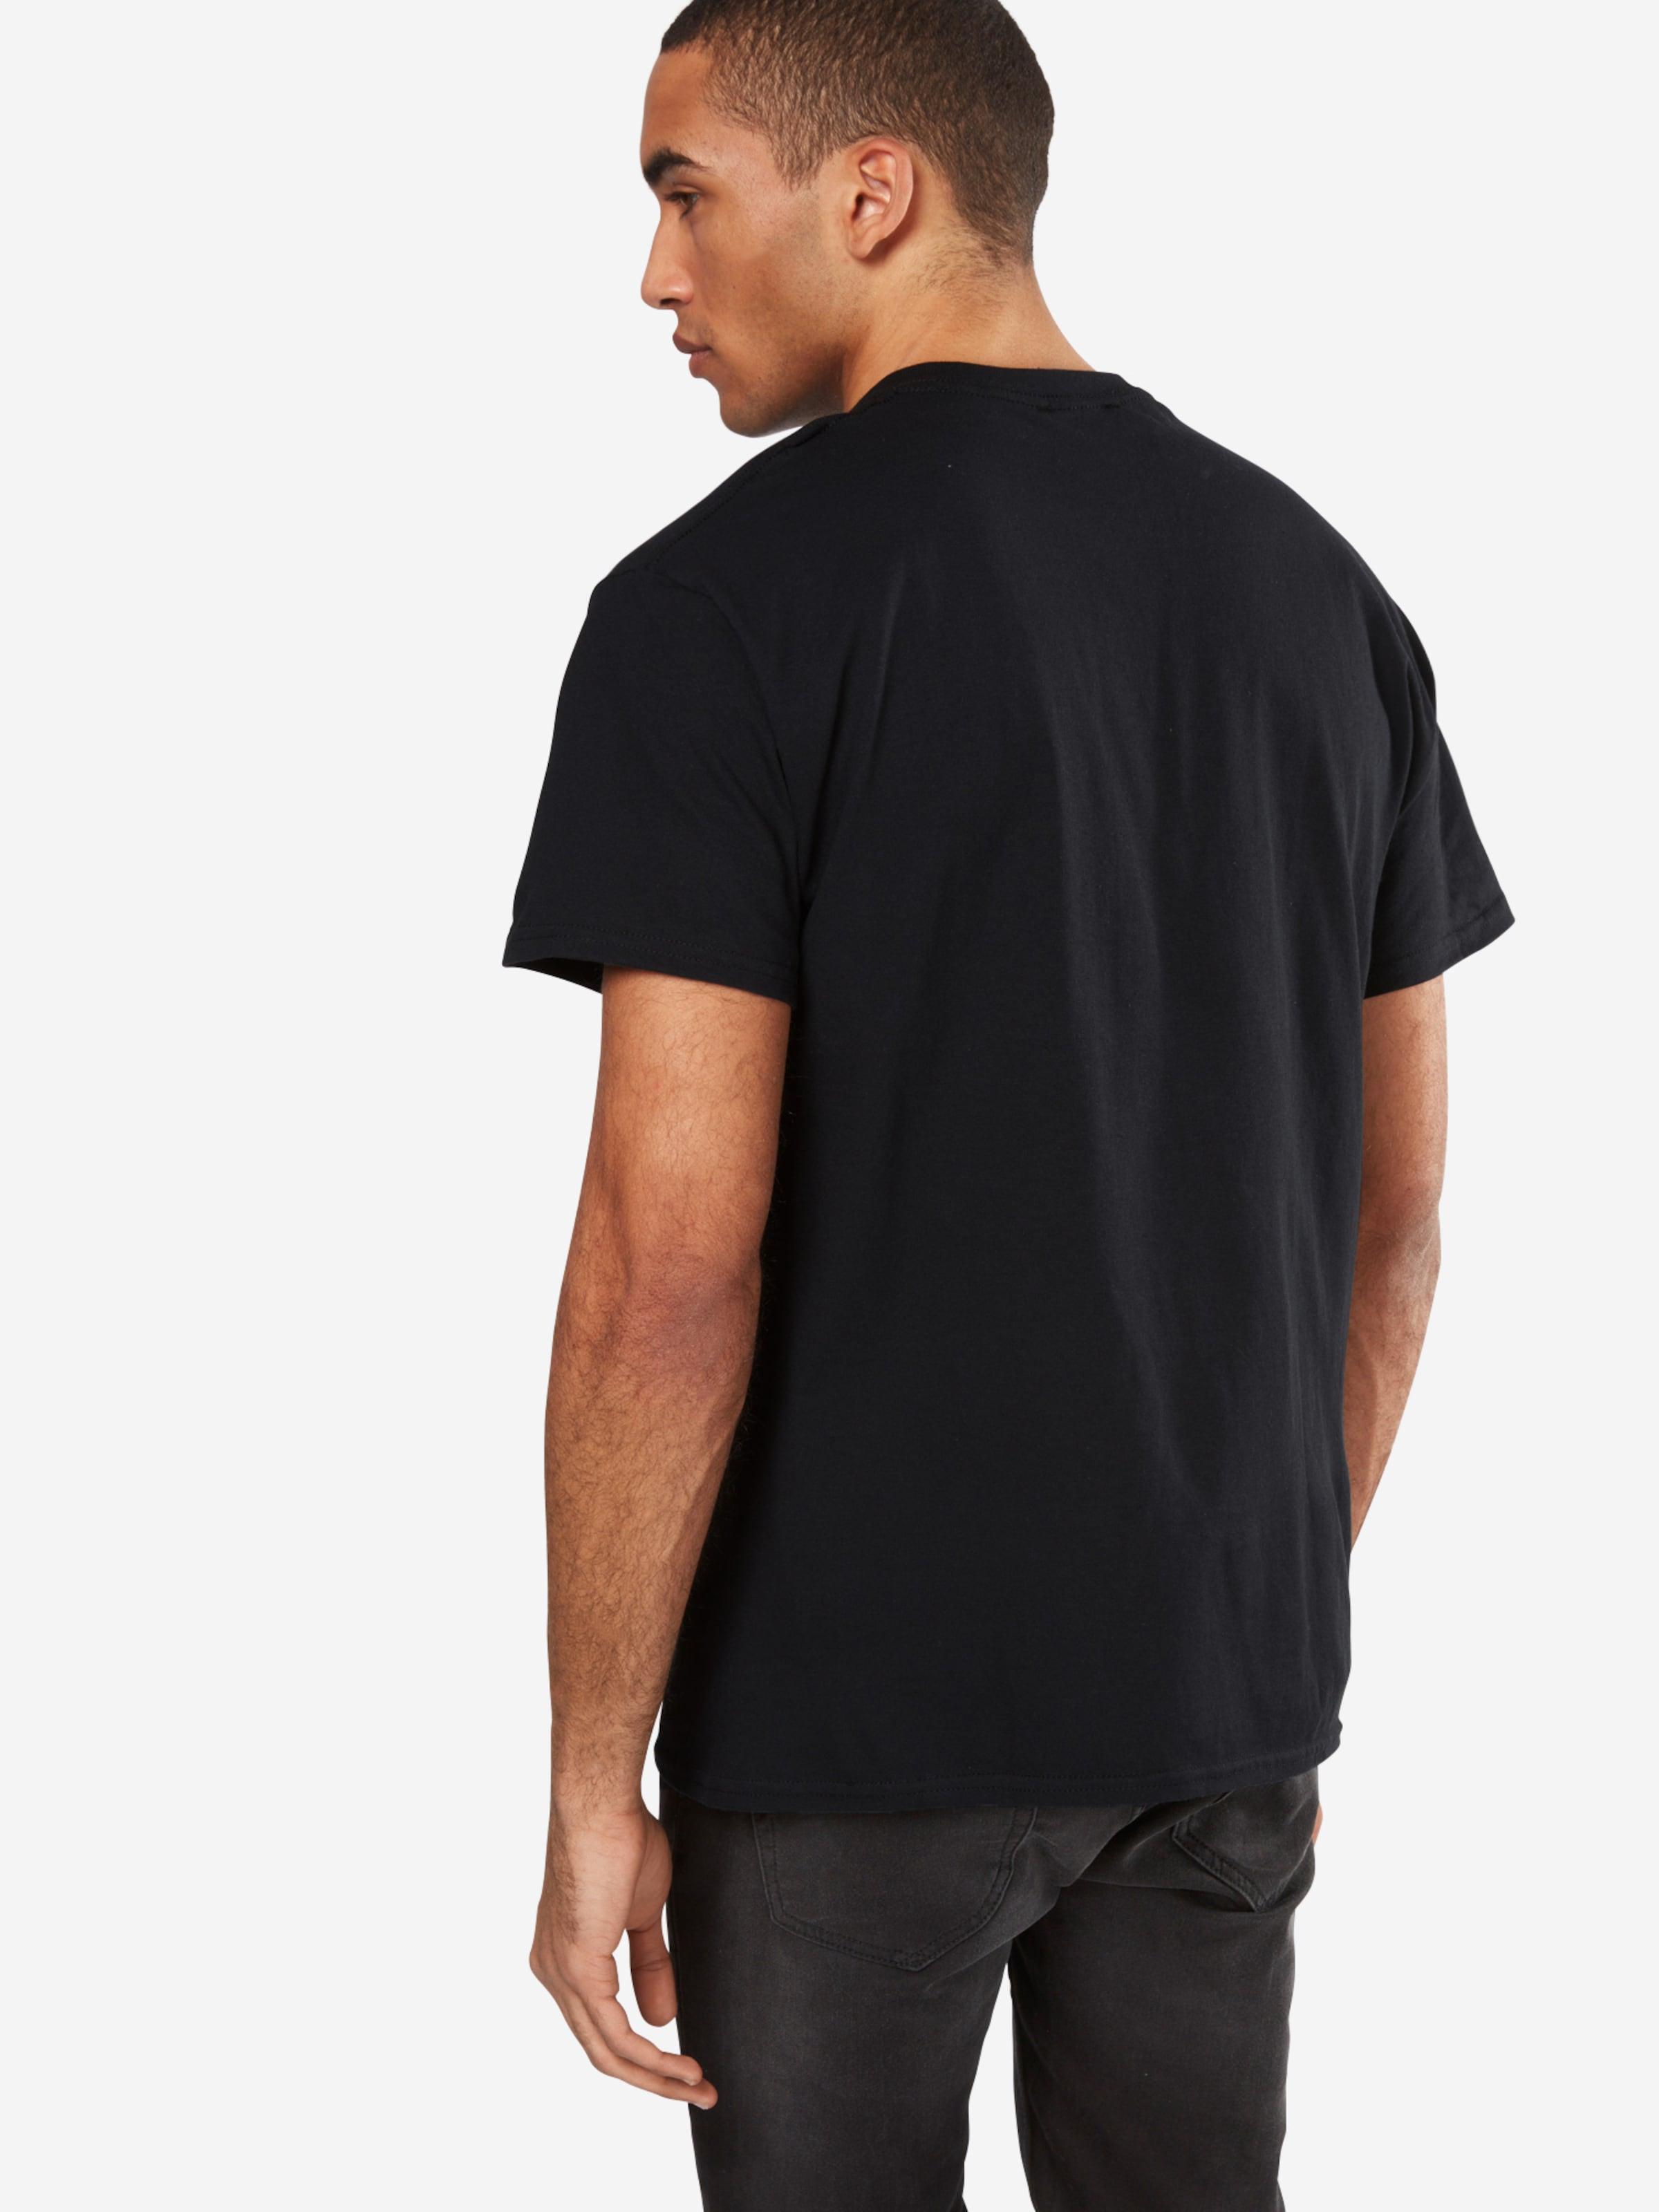 NEW LOOK T-Shirt 'COPP PRINT P' Erkunden Zu Verkaufen Spielraum Extrem Preiswerte Qualität Große Auswahl An Günstigem Preis A8JBzfpW